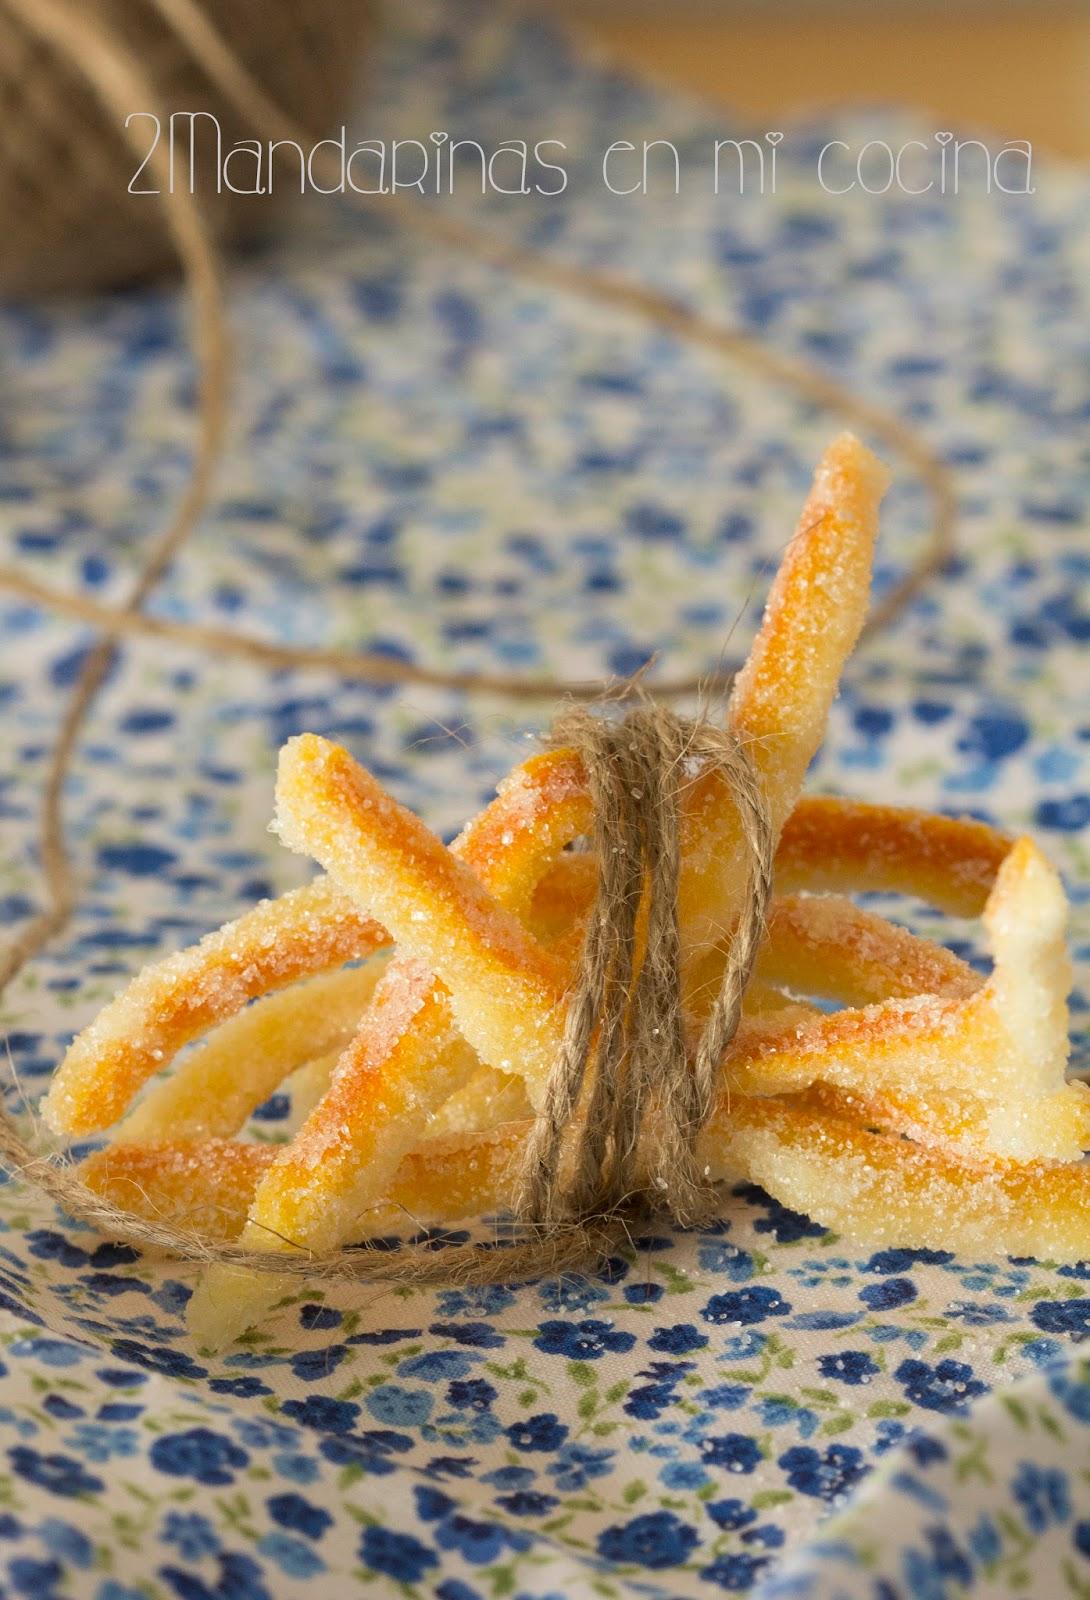 Cómo Preparar Piel De Naranja Confitada Con Thermomix 2 Mandarinas En Mi Cocina Blog De Recetas De Cocina Carnes Pescados Y Postres